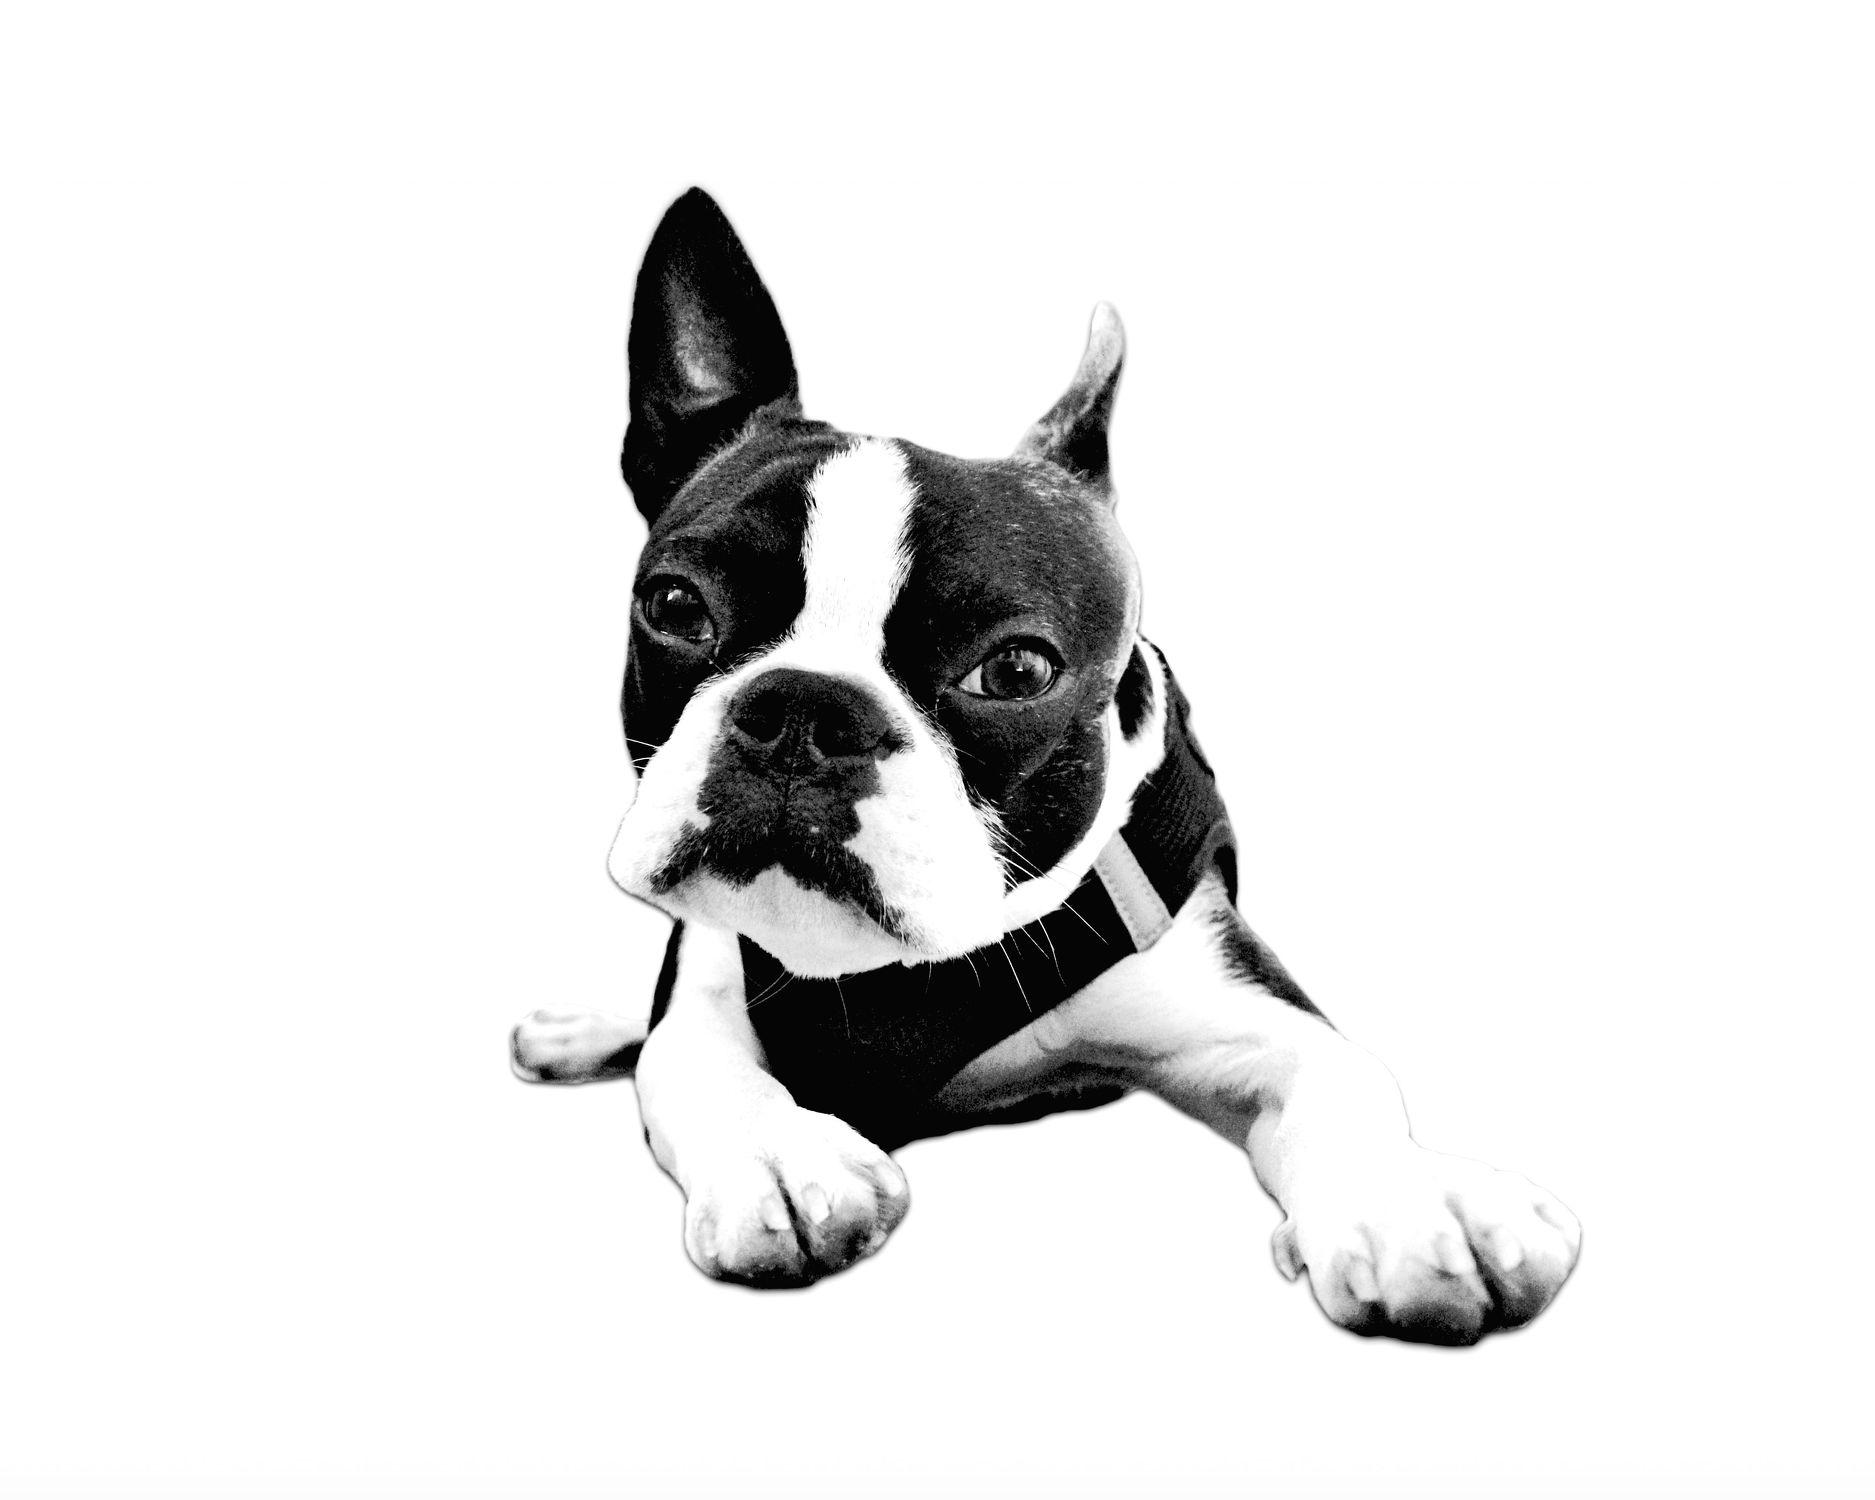 Bild mit Tiere, Hunde, Tier, Hund, Dog, Lebewesen, Boston Terrier, FCI anerkannte Hunderasse aus den USA, Bosti, Boston Terriers, Rassehunden, Hunderasse Boston, Kleine doggenartige Hunde, Familienhund, Hundebild, Haushund, schwarz weiß